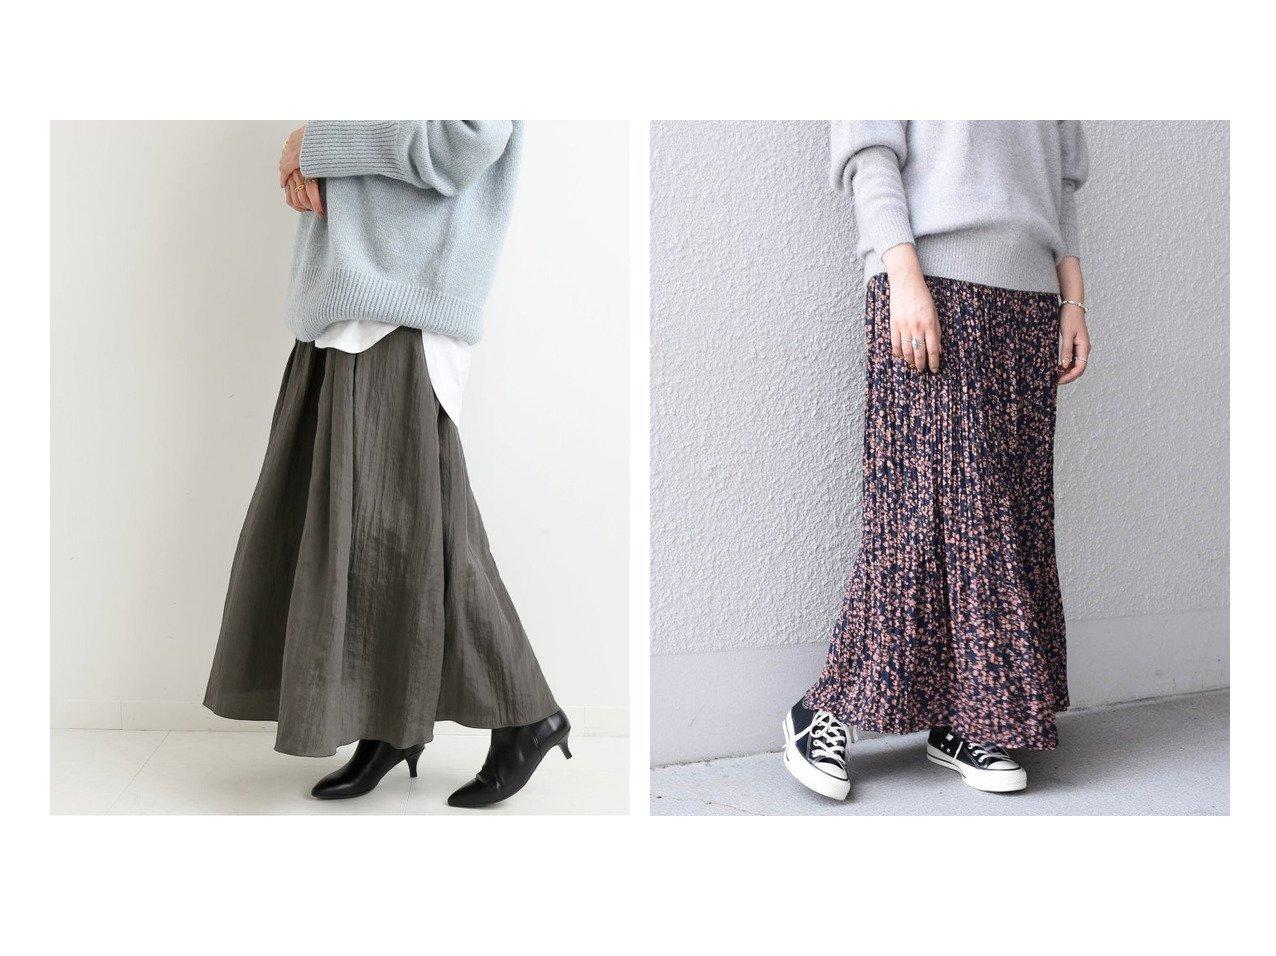 【SHIPS any/シップス エニィ】のSHIPS any ドット フラワー プリーツスカート&【IENA/イエナ】のサテンワッシャータックスカート スカートのおすすめ!人気、レディースファッションの通販 おすすめで人気のファッション通販商品 インテリア・家具・キッズファッション・メンズファッション・レディースファッション・服の通販 founy(ファニー) https://founy.com/ ファッション Fashion レディース WOMEN スカート Skirt プリーツスカート Pleated Skirts 秋冬 A/W Autumn/ Winter サテン ロング くるぶし スウェット ドット なめらか バランス ピーチ フラワー プリント プリーツ マキシ ルーズ |ID:crp329100000002669